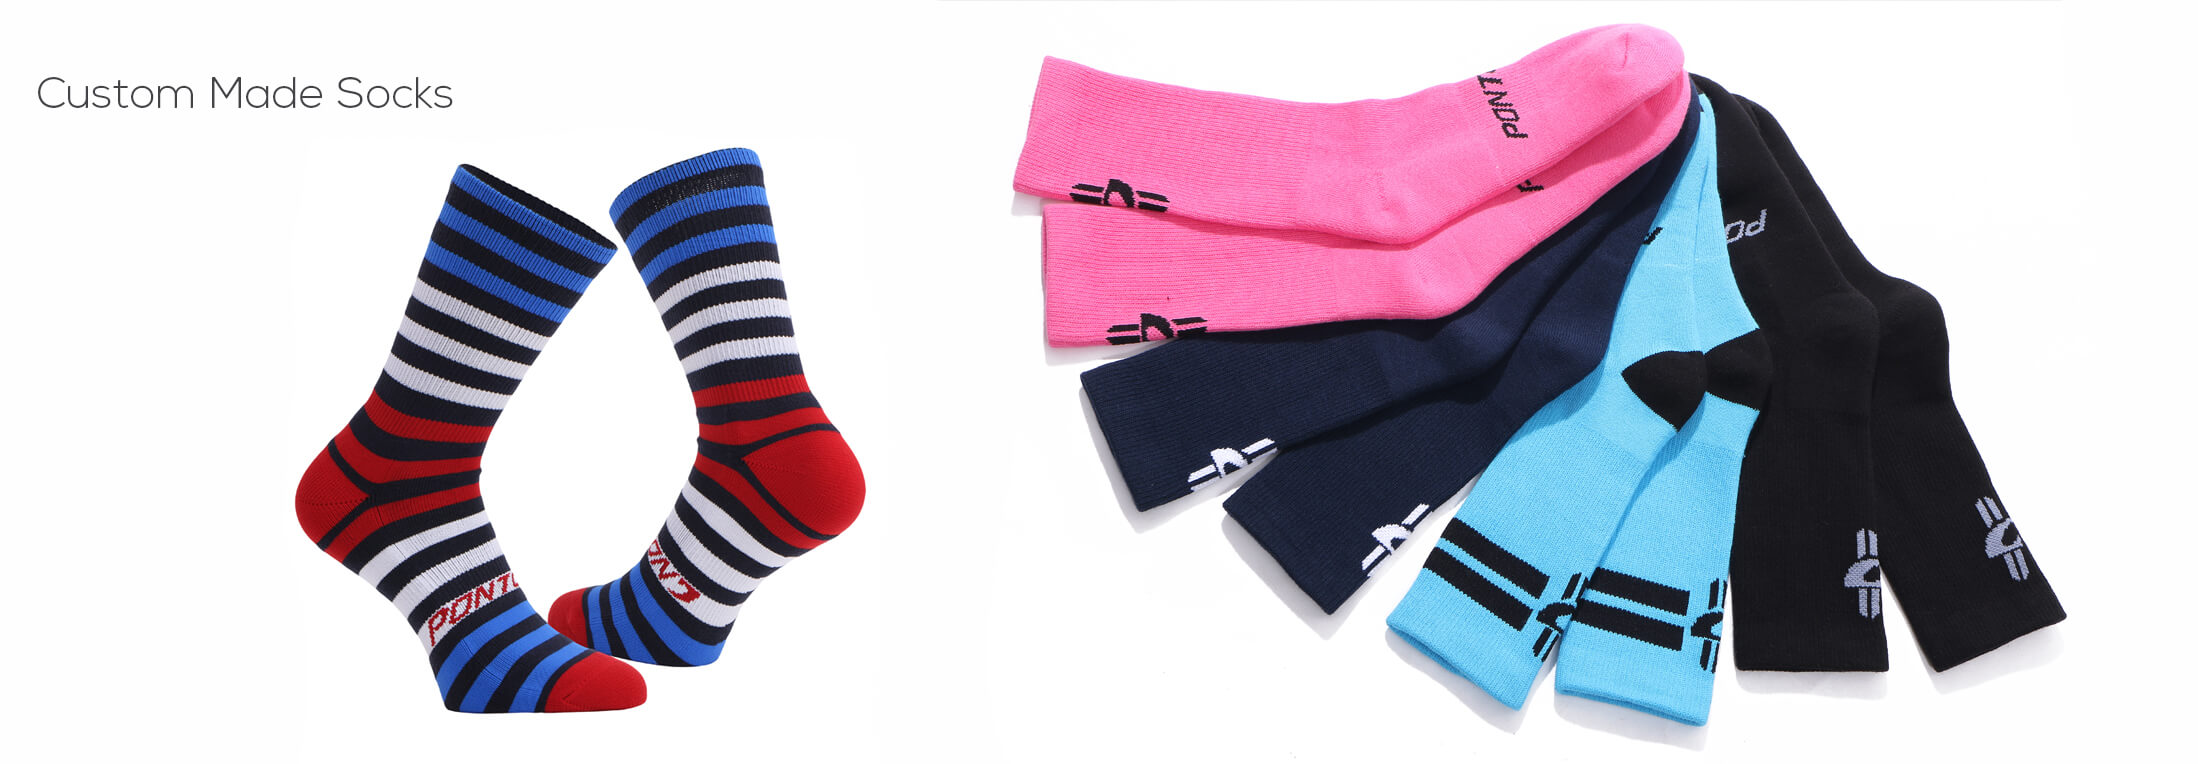 Socks On Floor